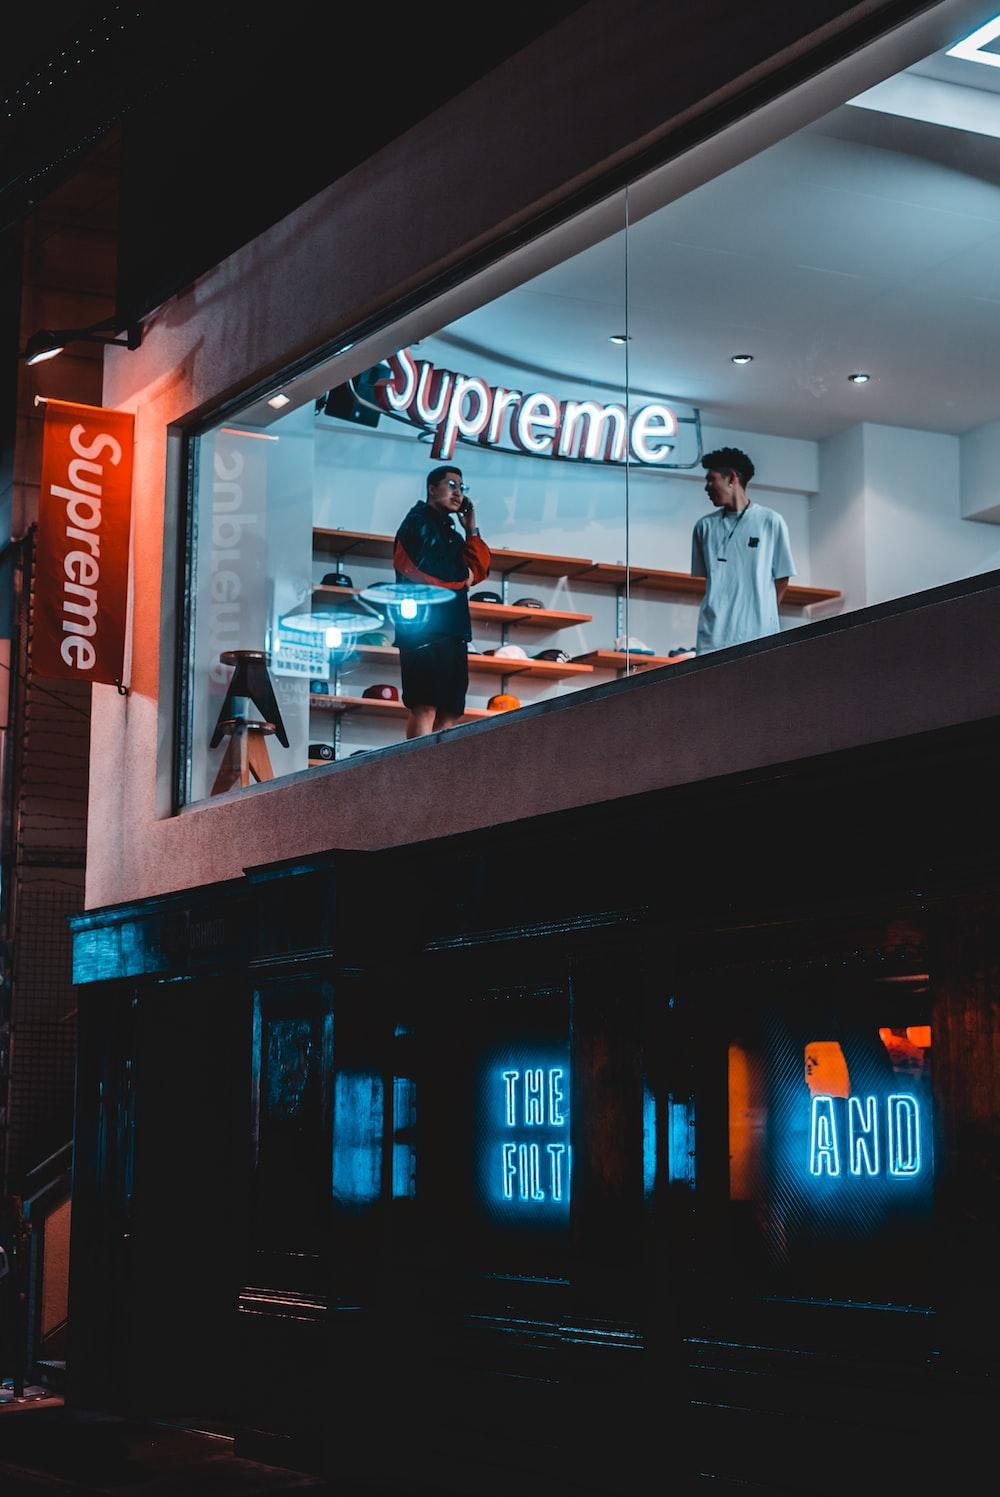 person in Supreme store